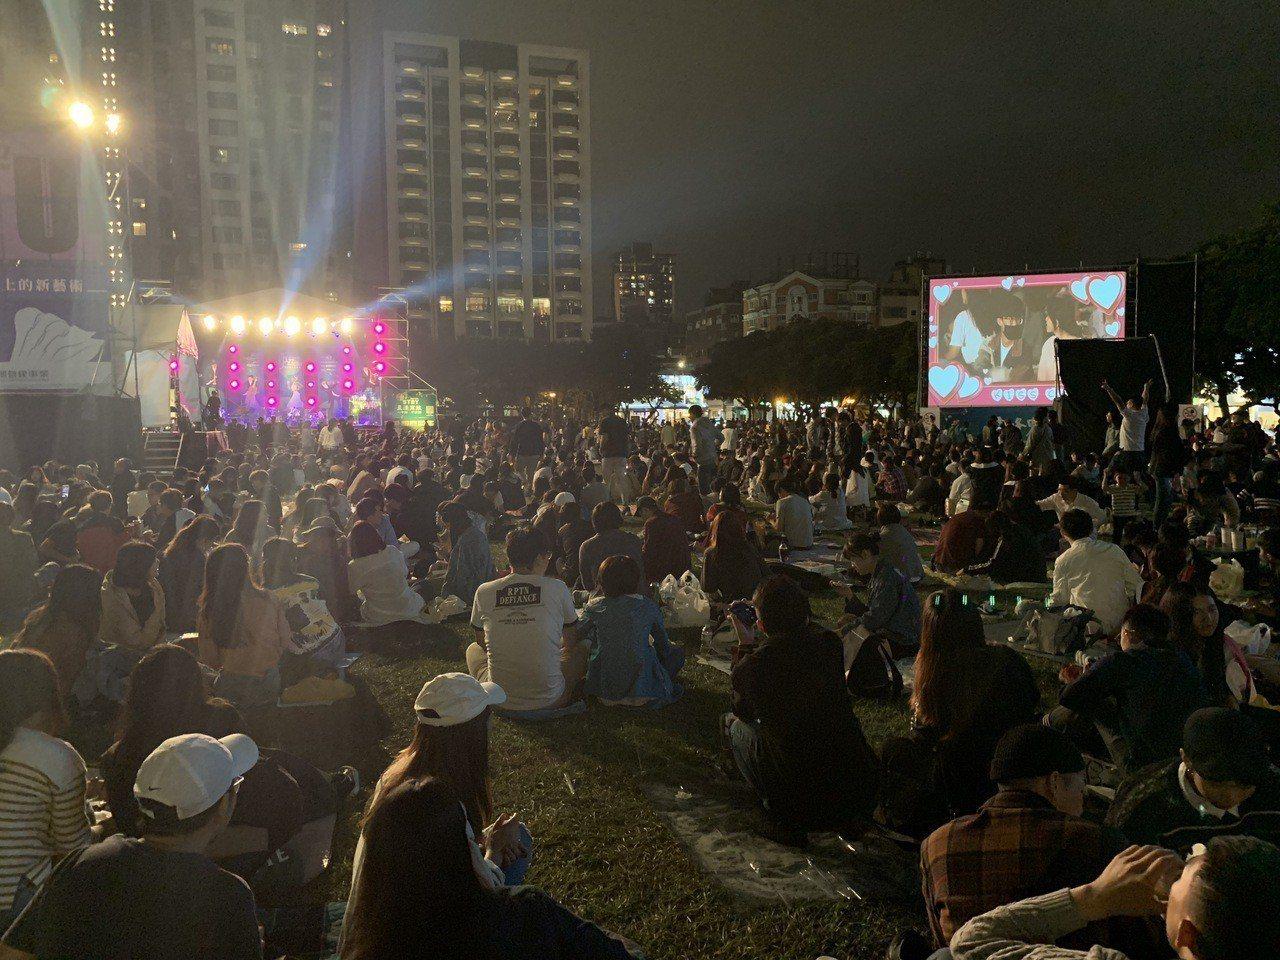 有市民在爵士音樂節粉絲團反映,「喝酒、玩酒瓶、大聲聊天…吵死人」,換了很多地方,...